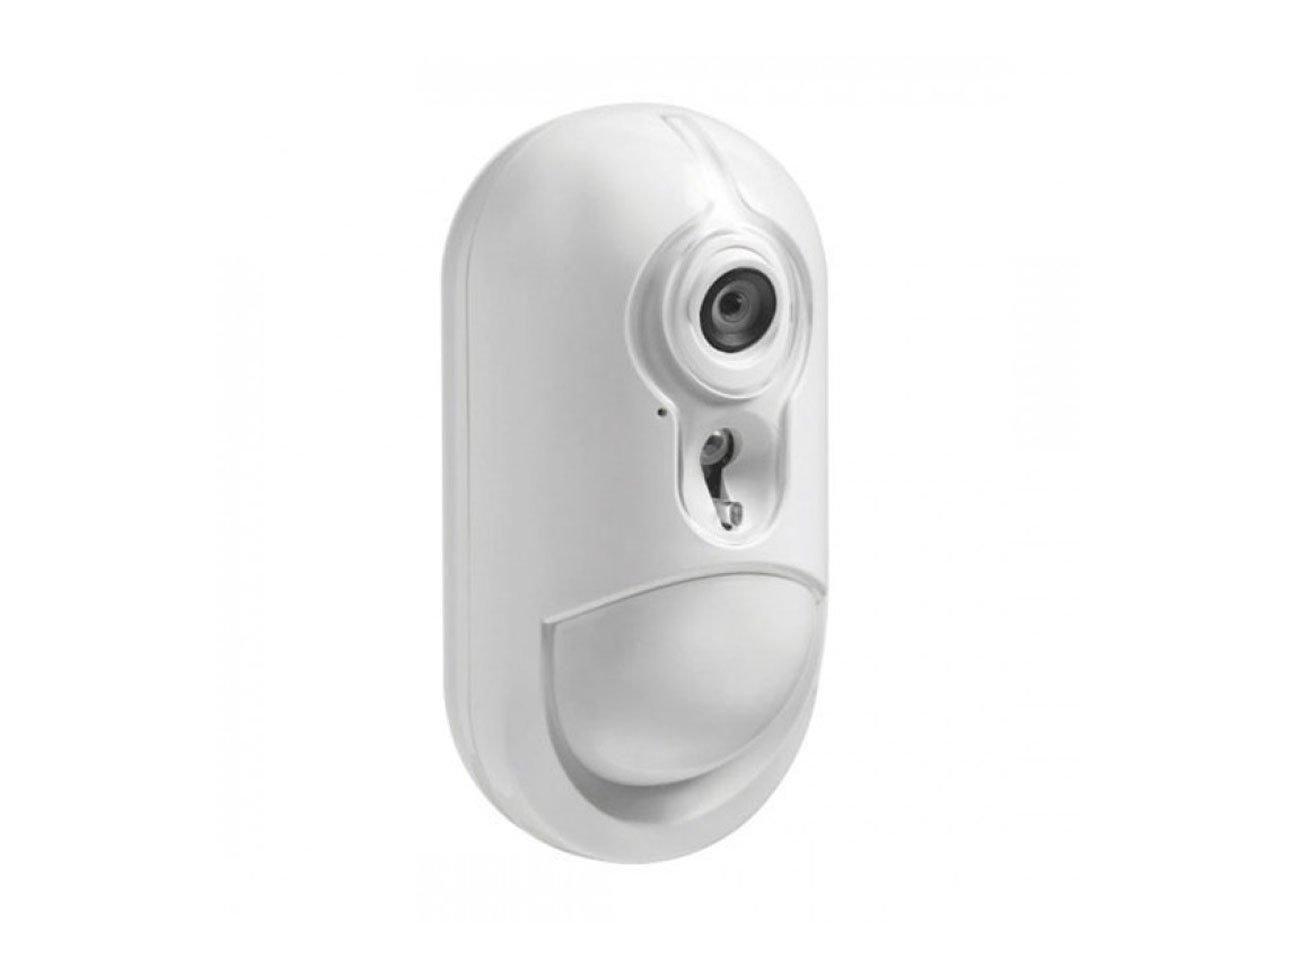 Camera-Pir-PG8934 Allarmi e videosorveglianza